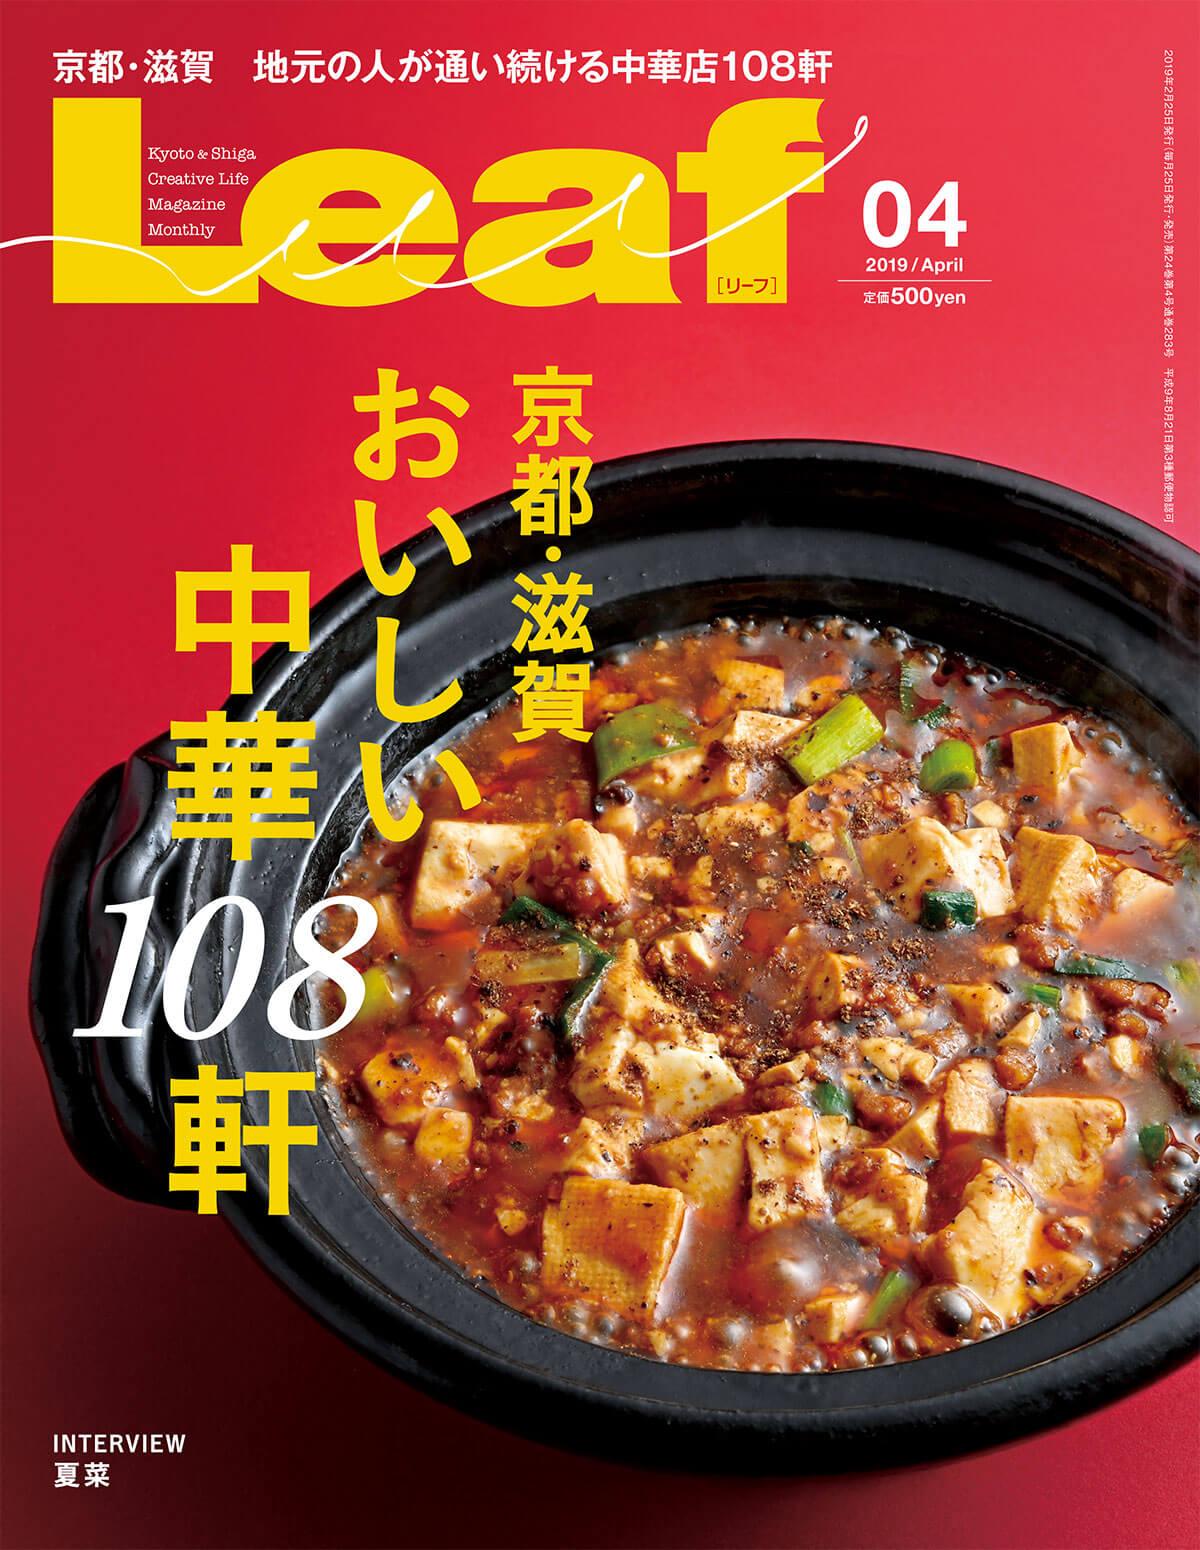 Leaf - 京都・滋賀 おいしい中華108軒